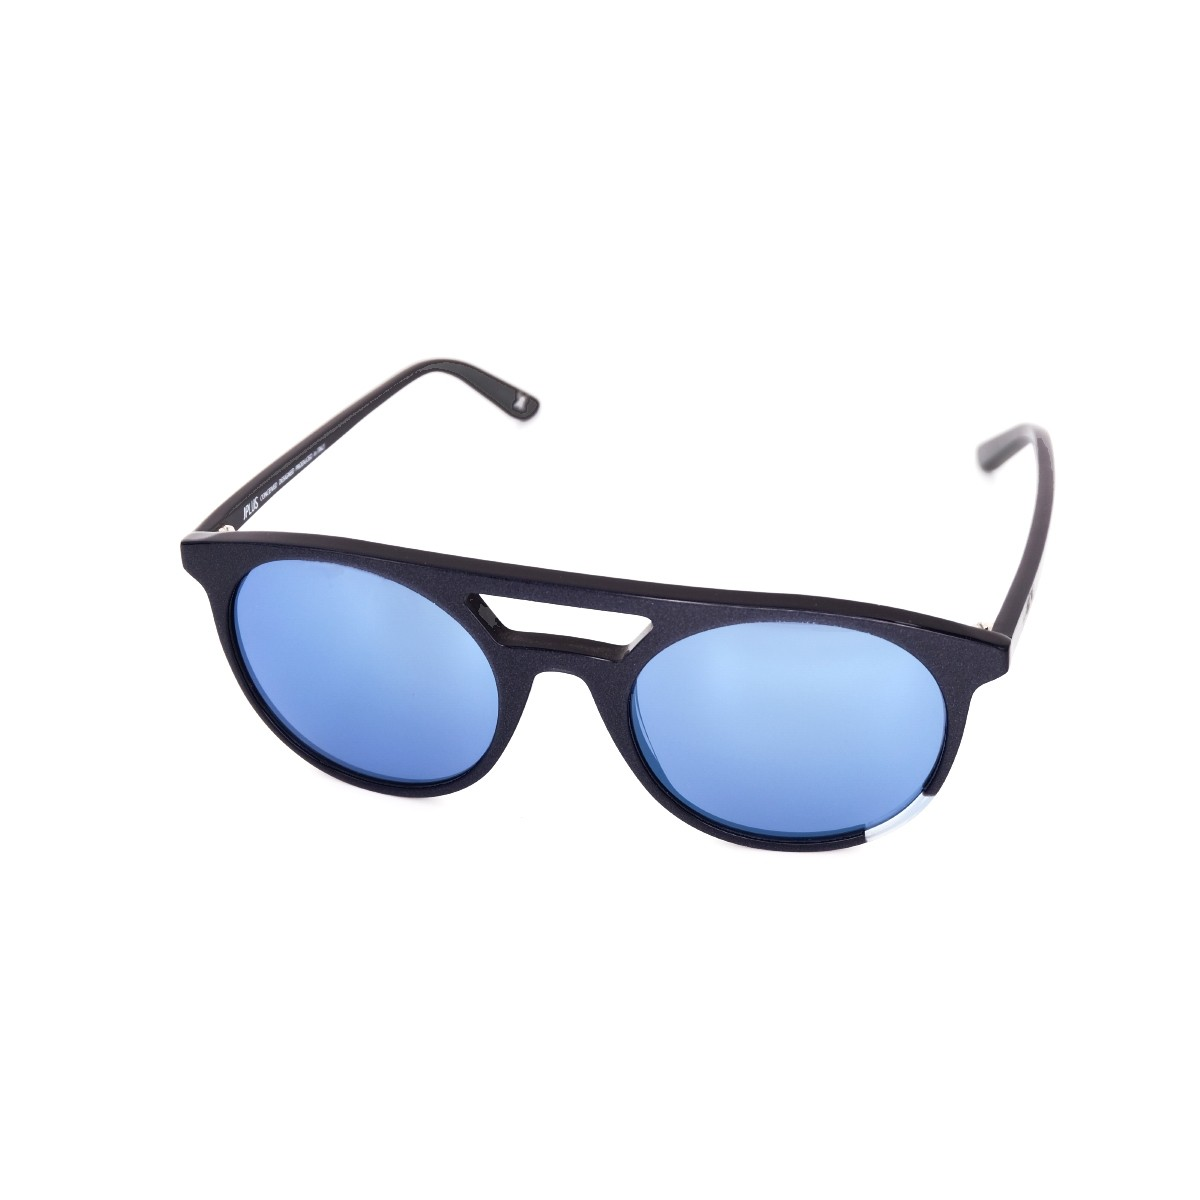 Jplus Kevin 5074 05, 136,00€, Occhiali JPlus Blu a forma Goccia aviator